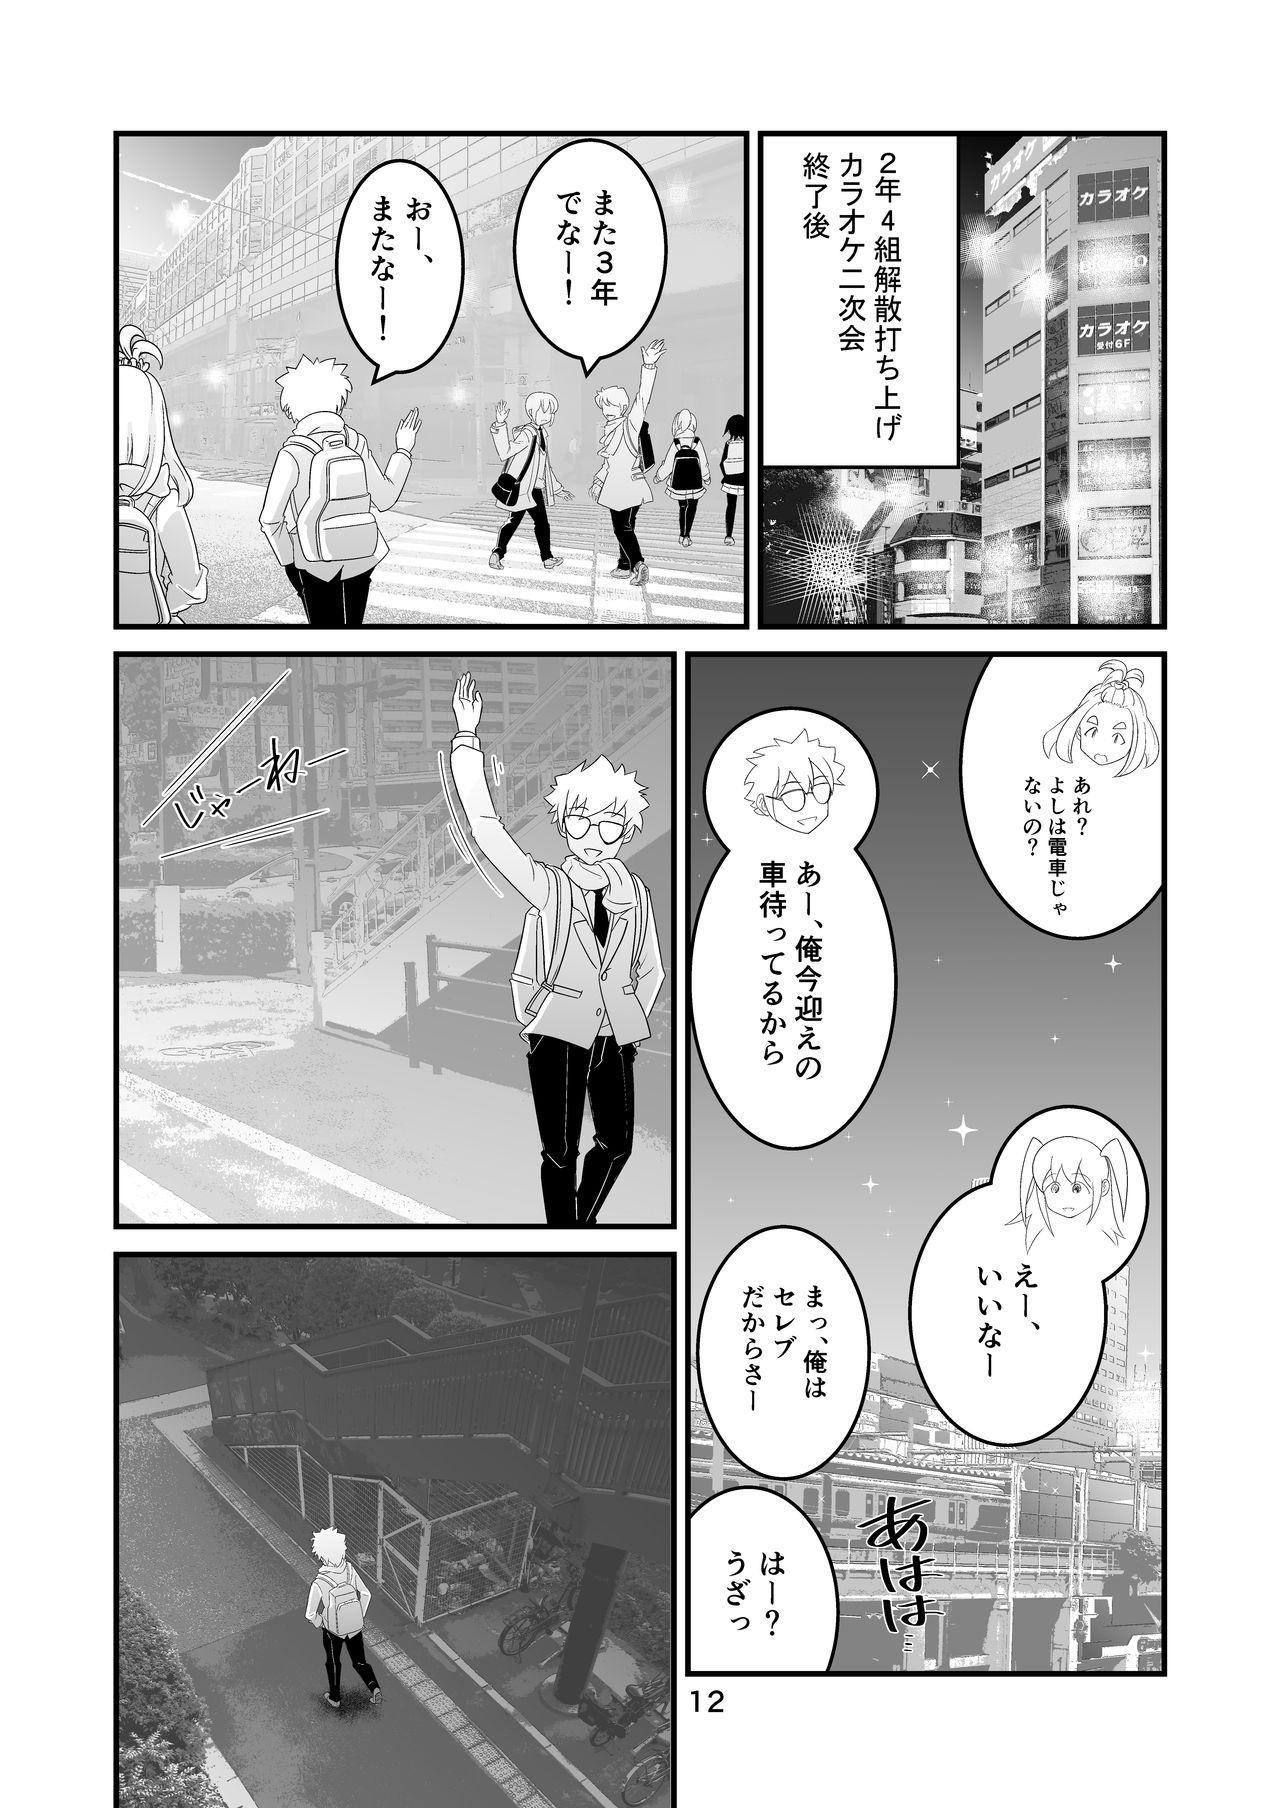 Watamote Seishun Omnibus 11